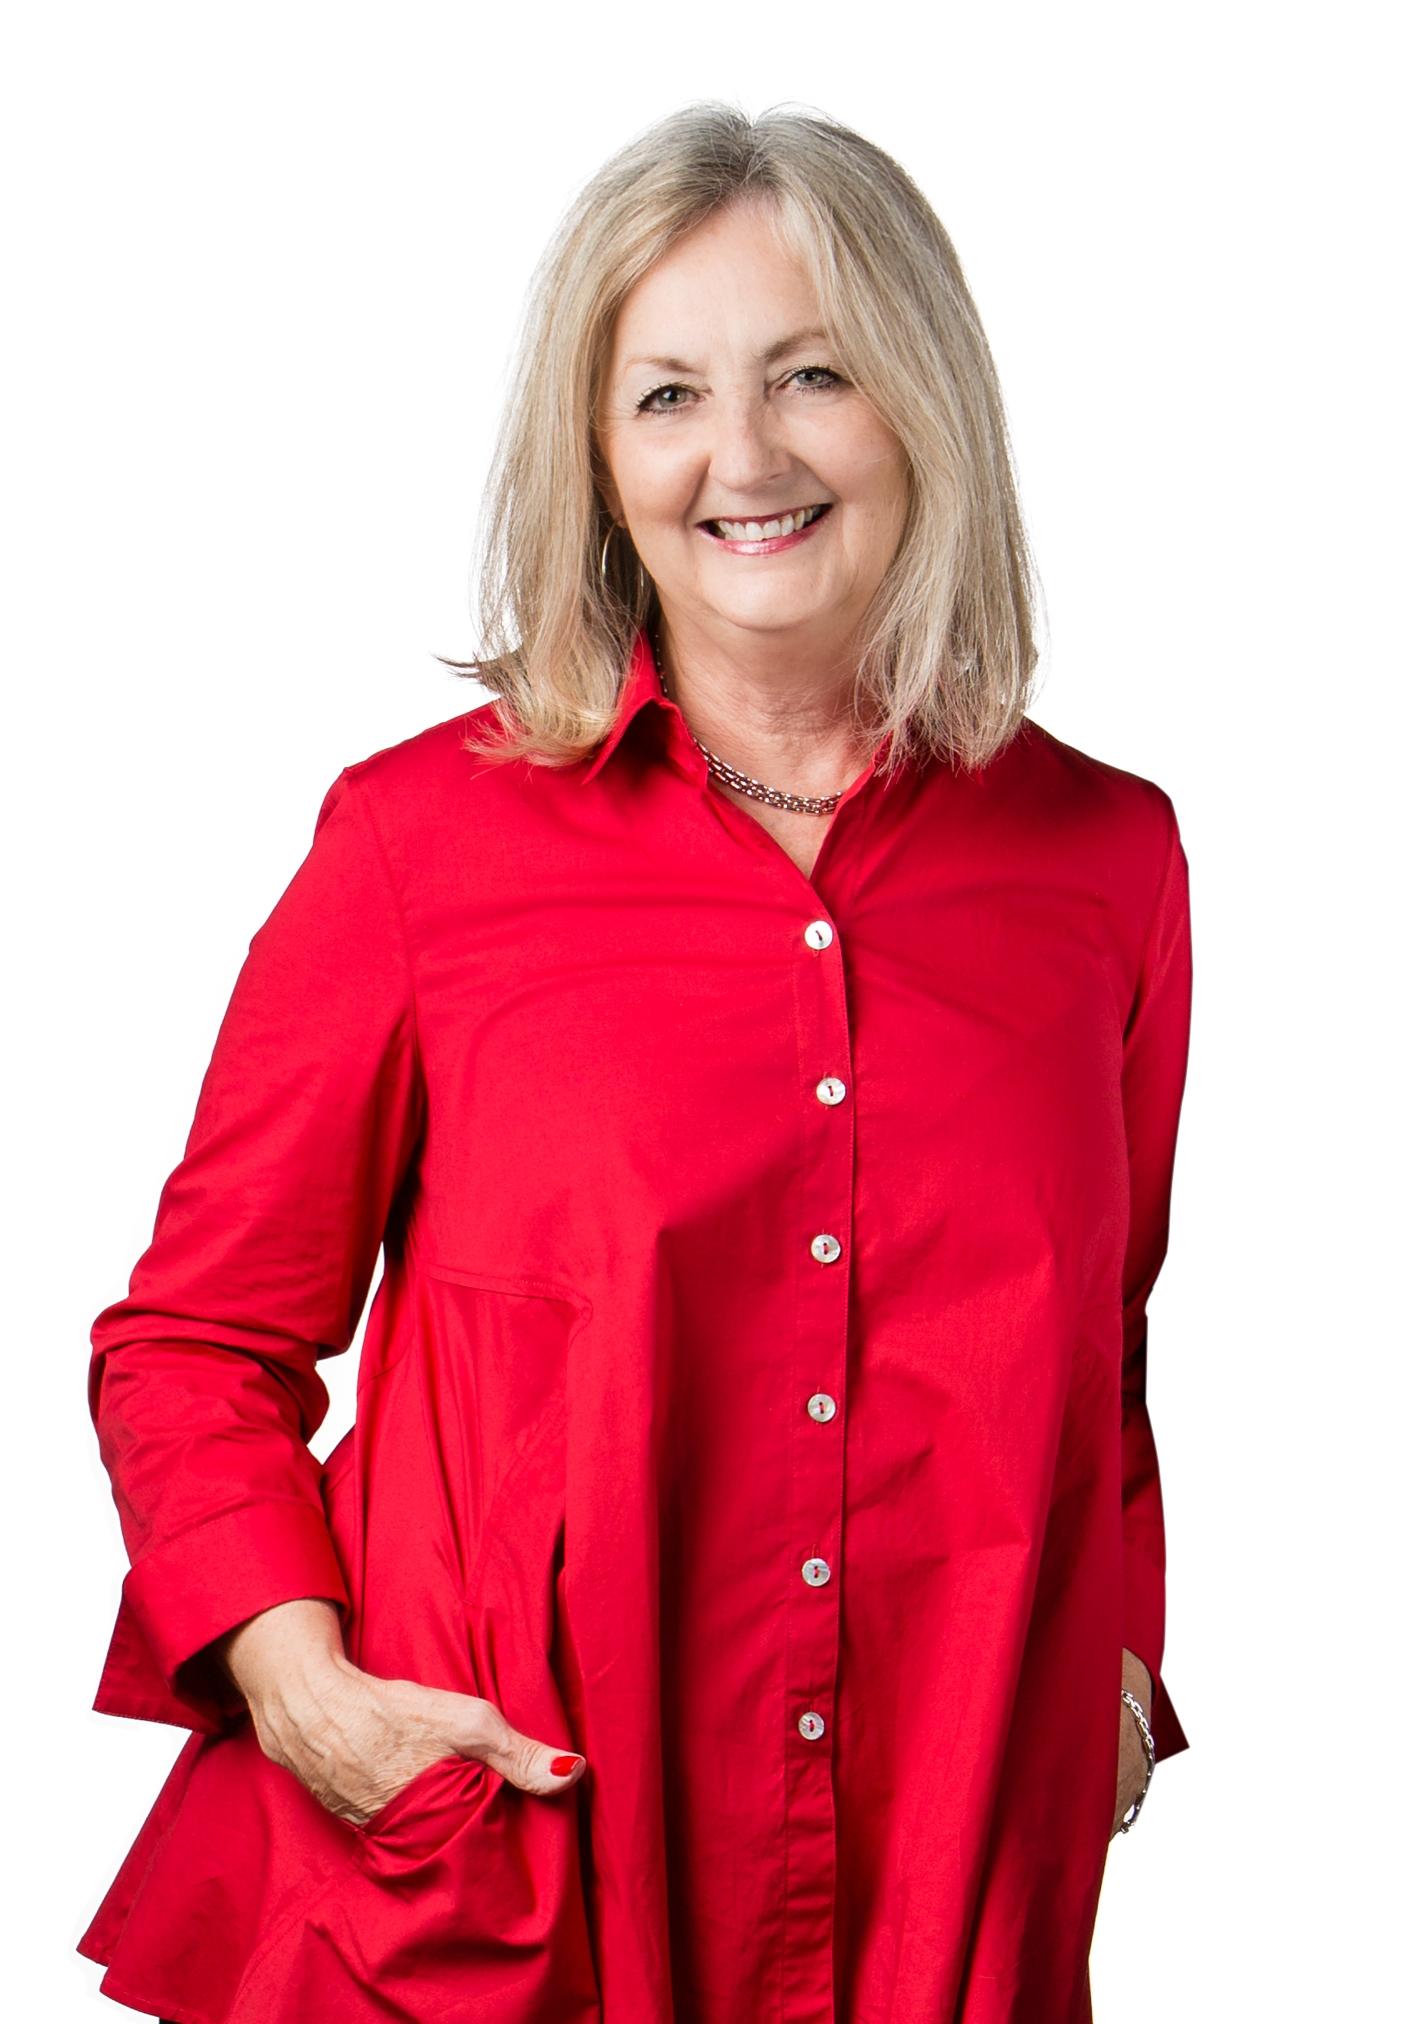 Patti Halpin